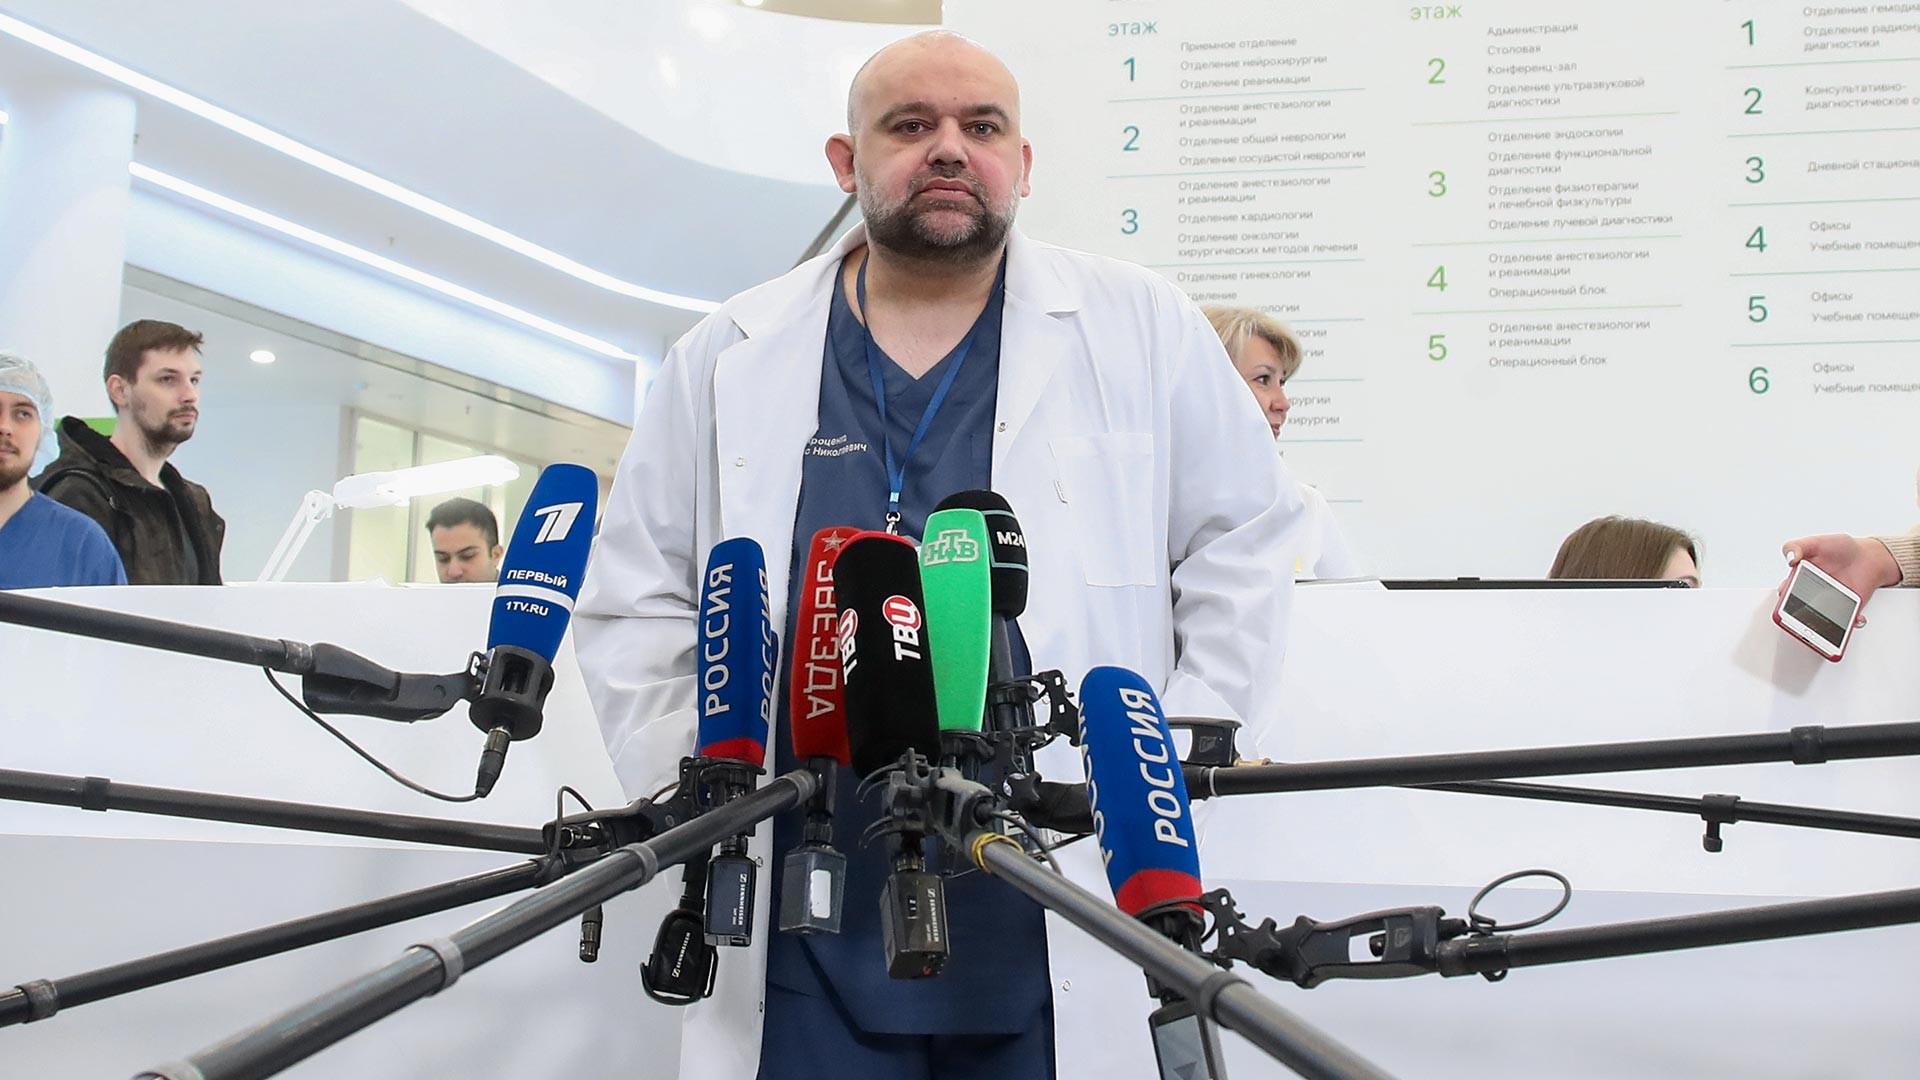 Denis Procenko